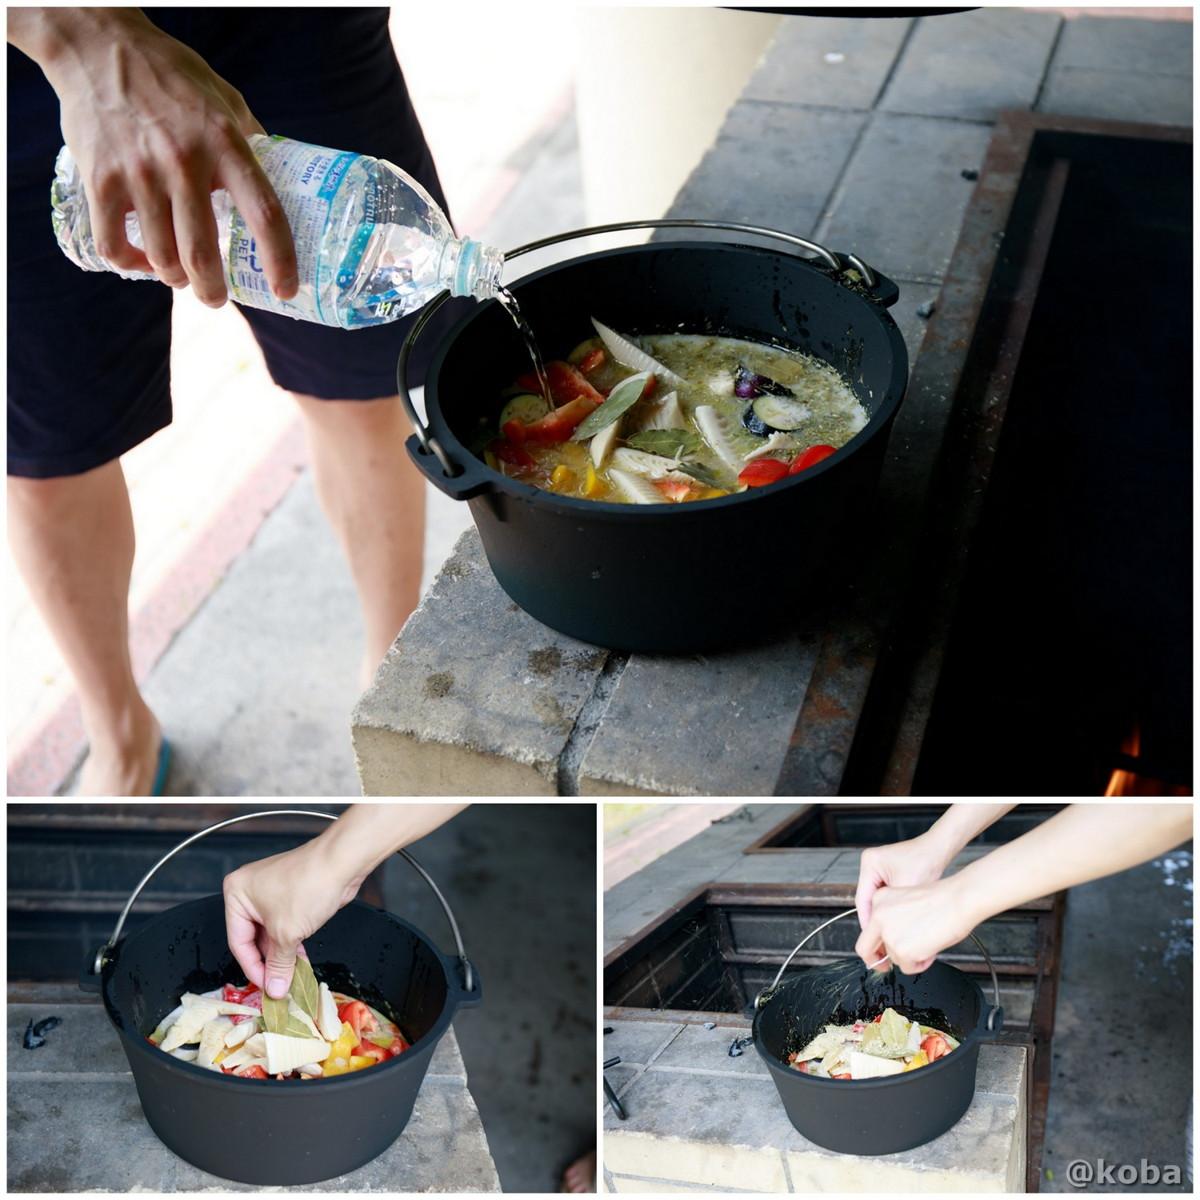 グリーンカレー作り方 食材投入 炉の使い方 ダッチオーブン